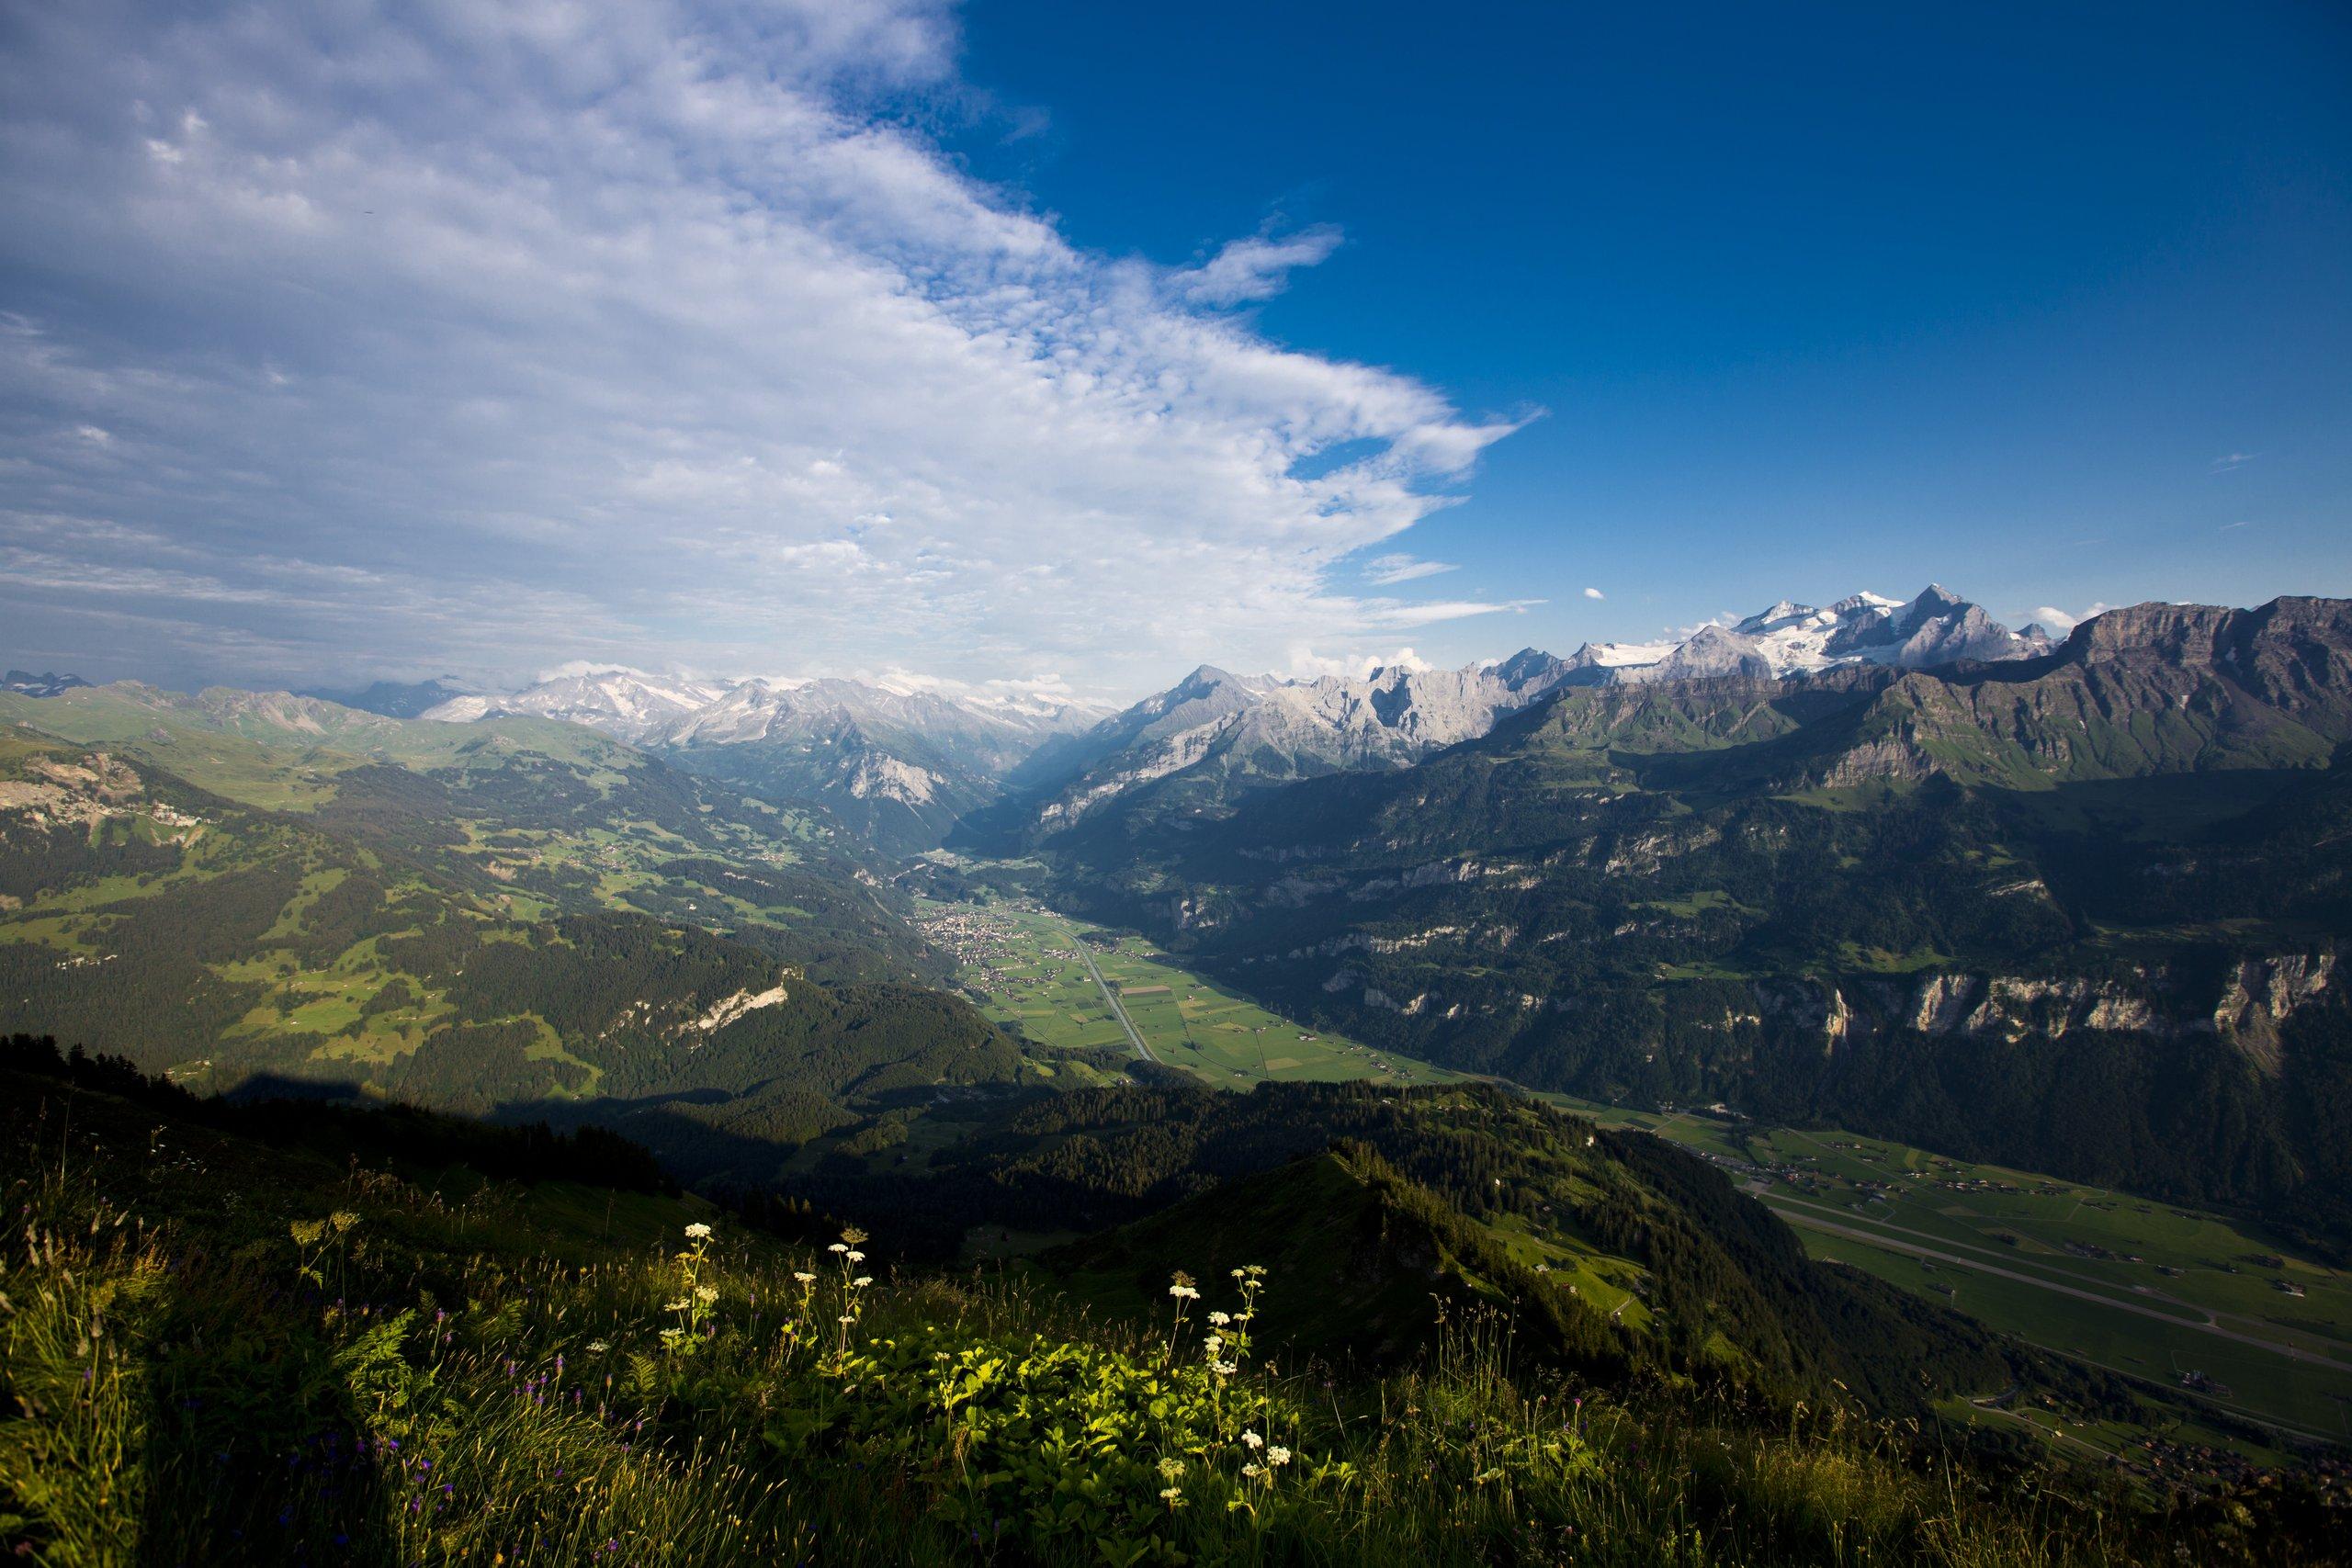 Klettersteig Jochpass : Klettersteig graustock grindelwald wengen mürren lauterbrunnen